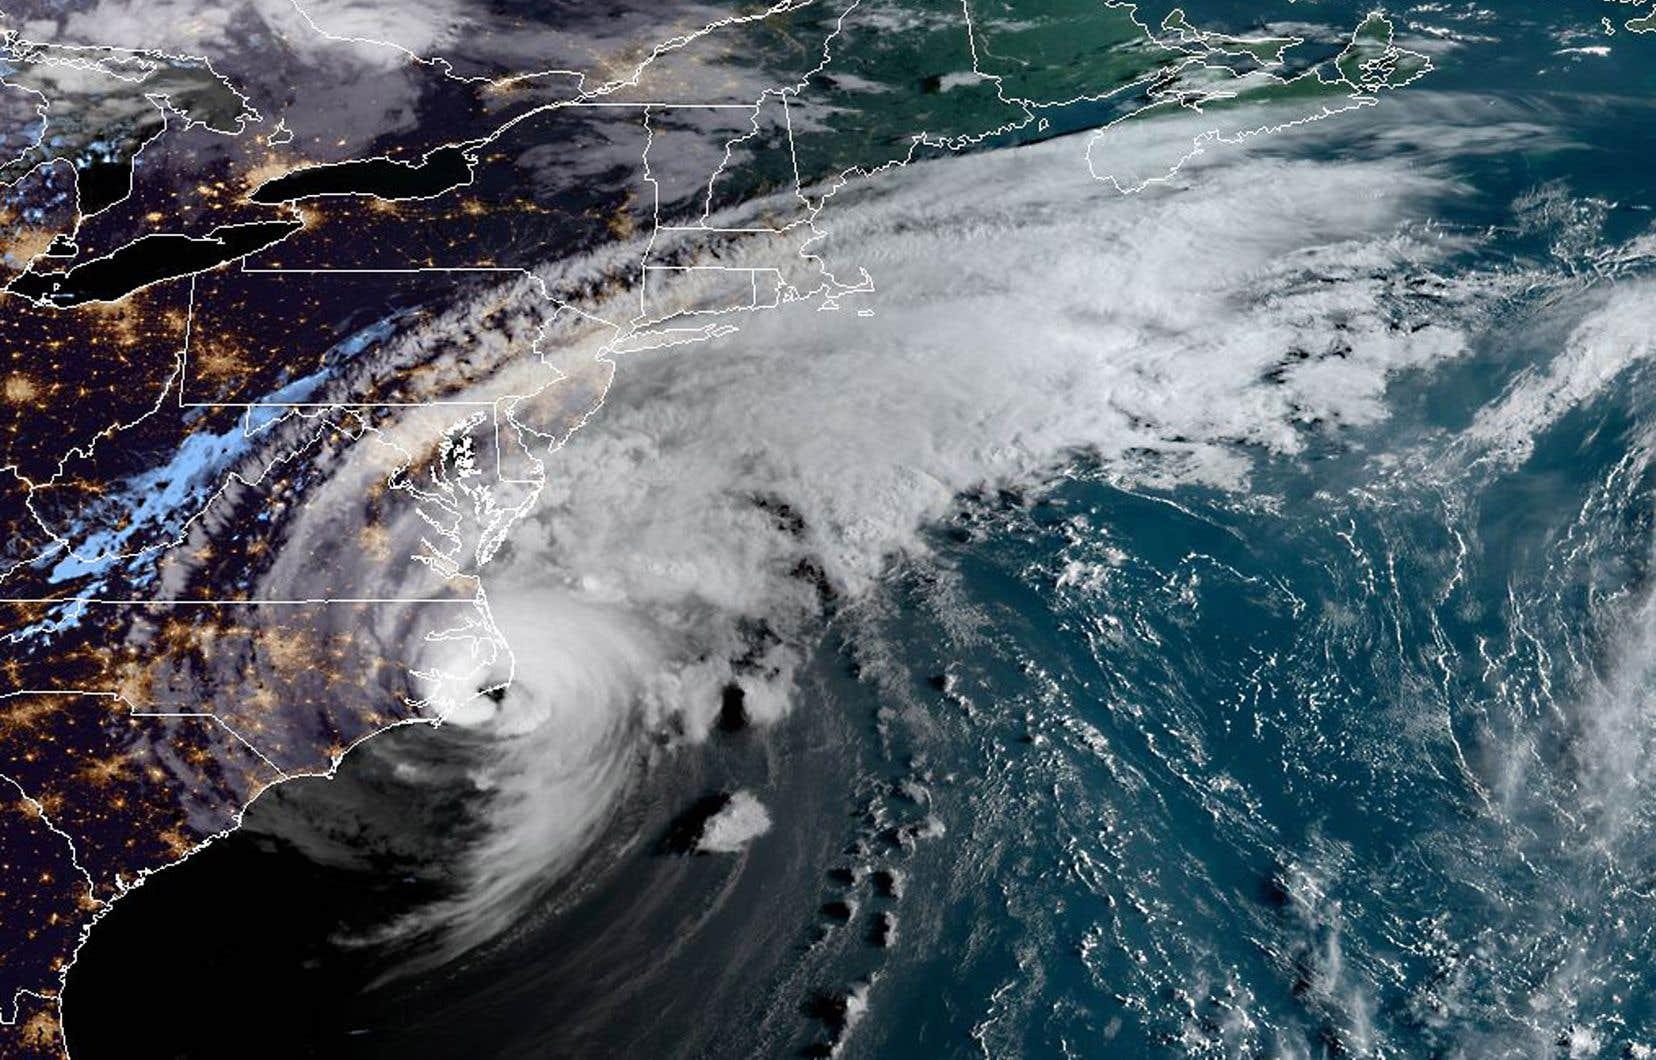 L'ouragan «Dorian», ici montré lorsqu'il longeait la côte sud-est des États-Unis vendredi midi, atteindra le golfe du Saint-Laurent d'ici dimanche matin, selon les prévisions d'Environnement Canada. Les Îles-de-la-Madeleine et la Basse-Côte-Nord pourraient faire face à un ouragan de catégorie 1 ou à une forte tempête tropicale.